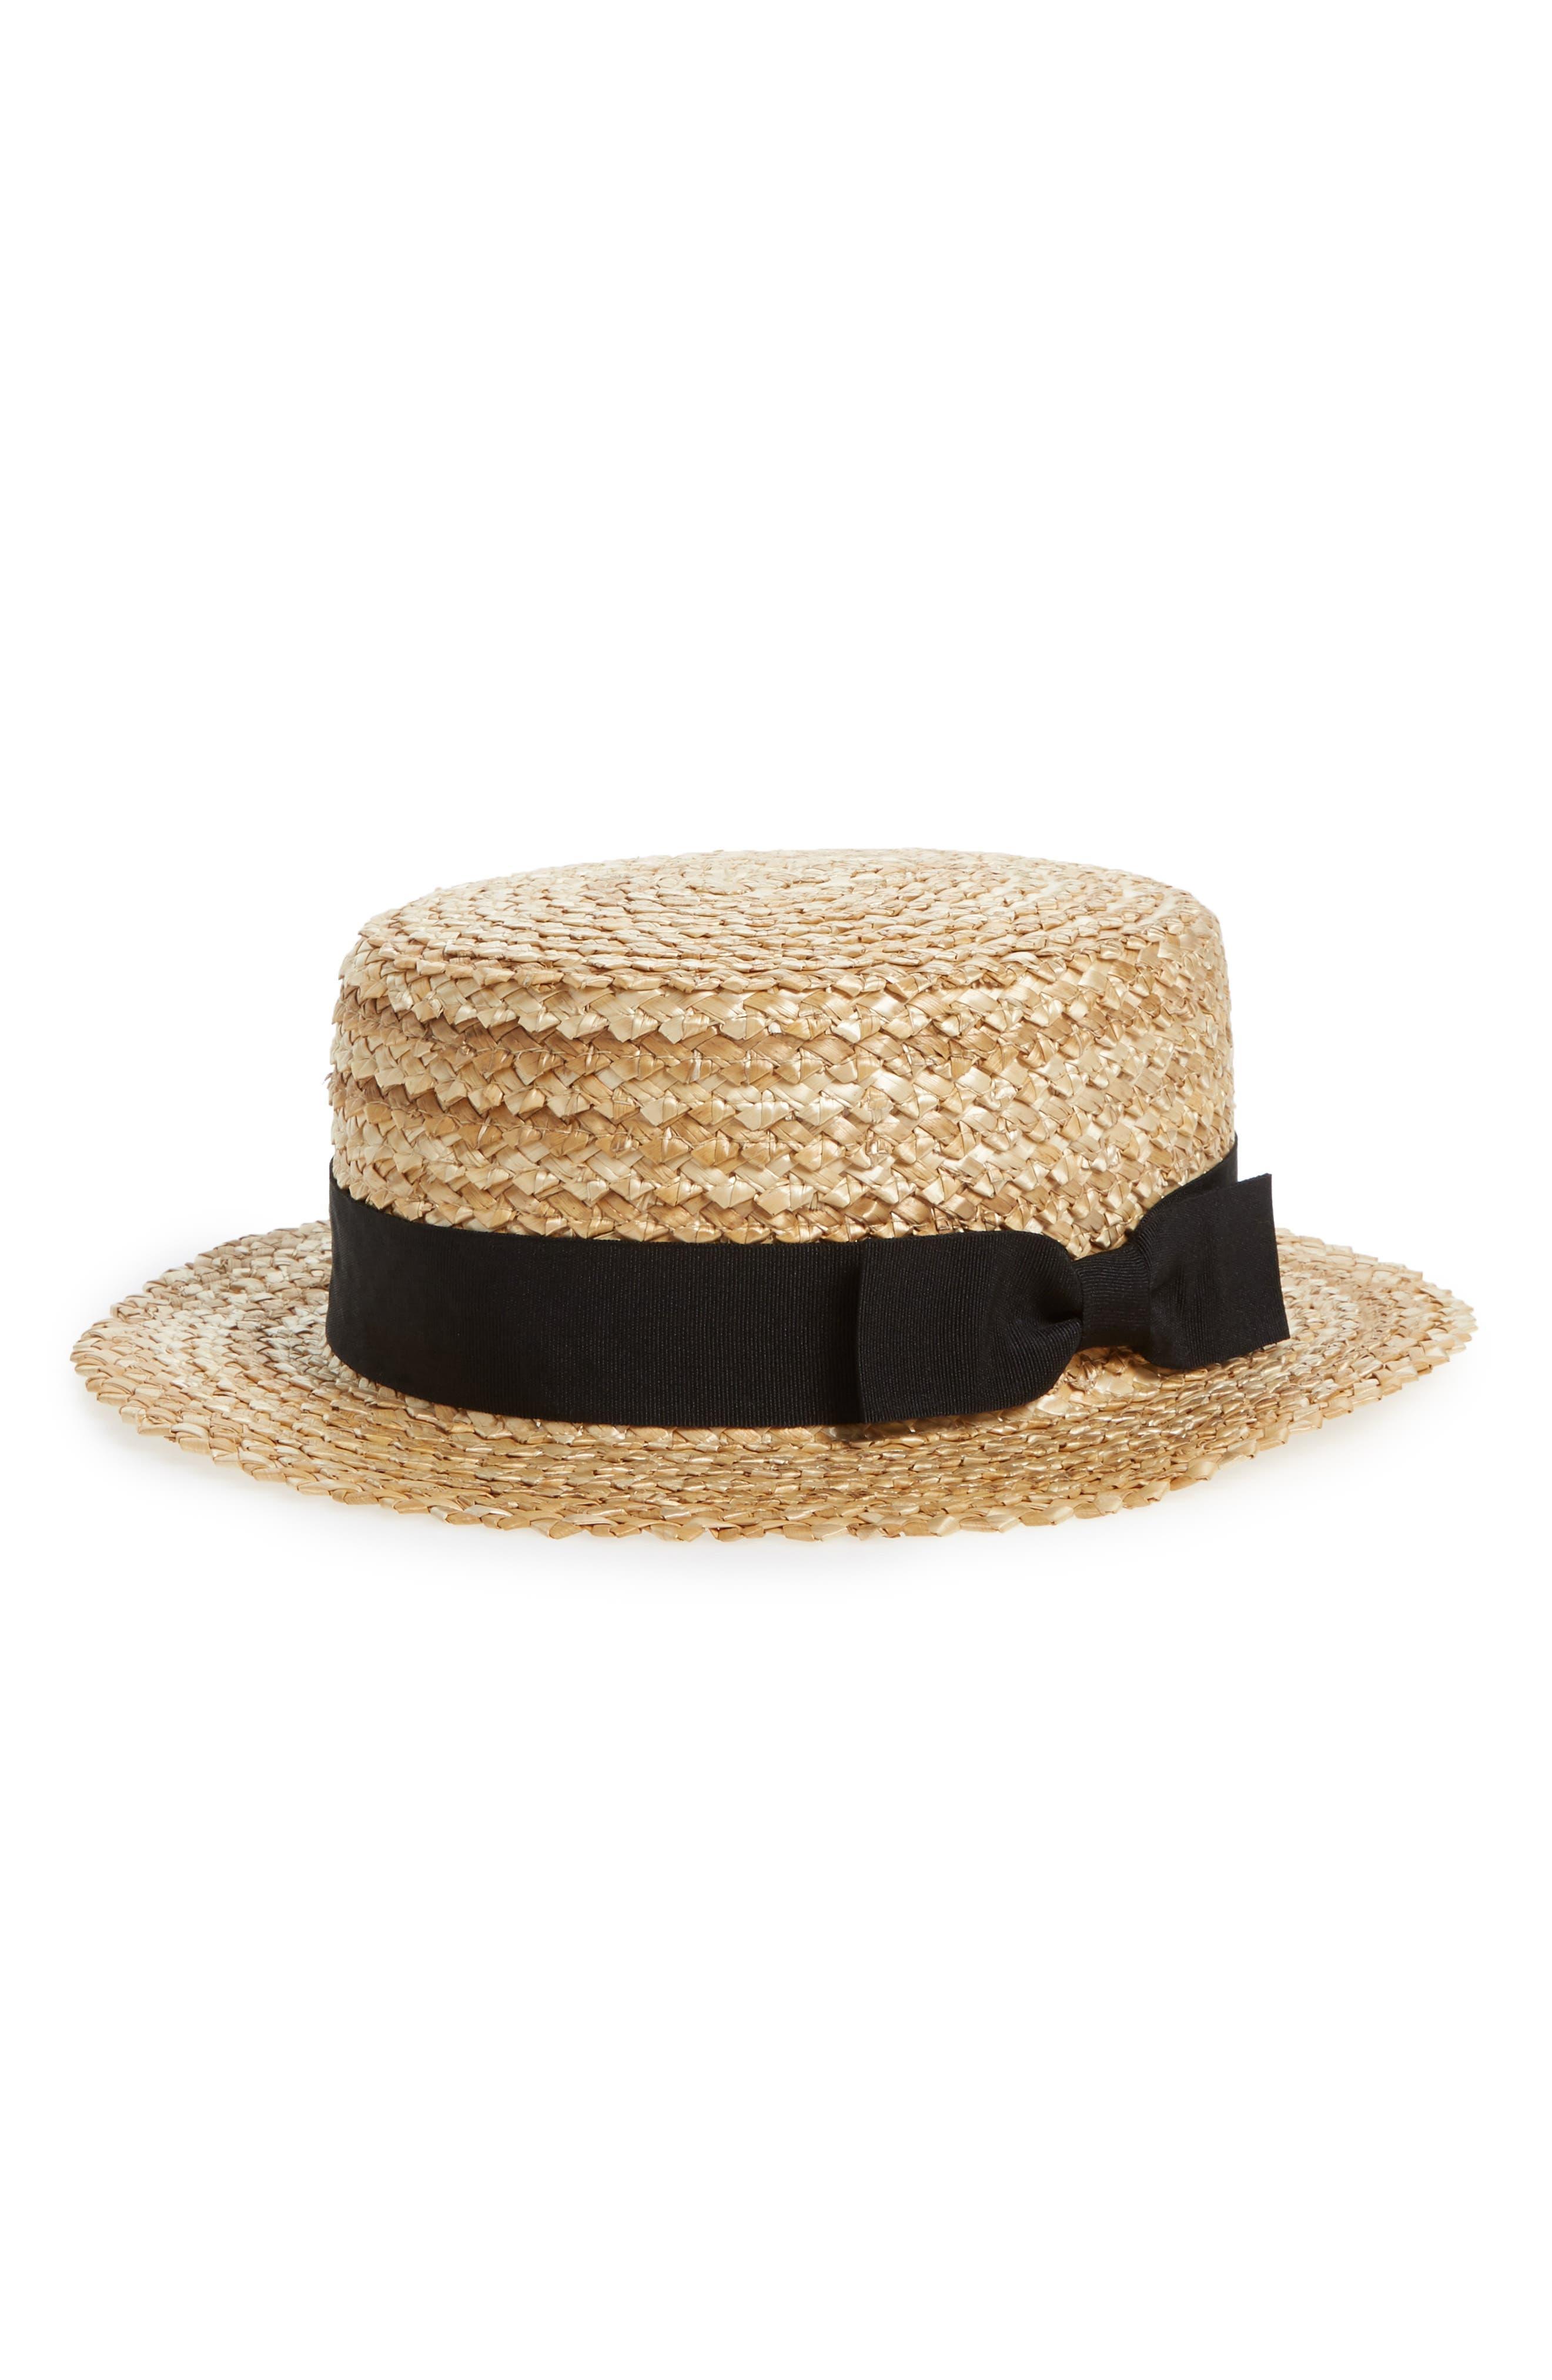 Ribbon Straw Boater Hat,                             Main thumbnail 1, color,                             250